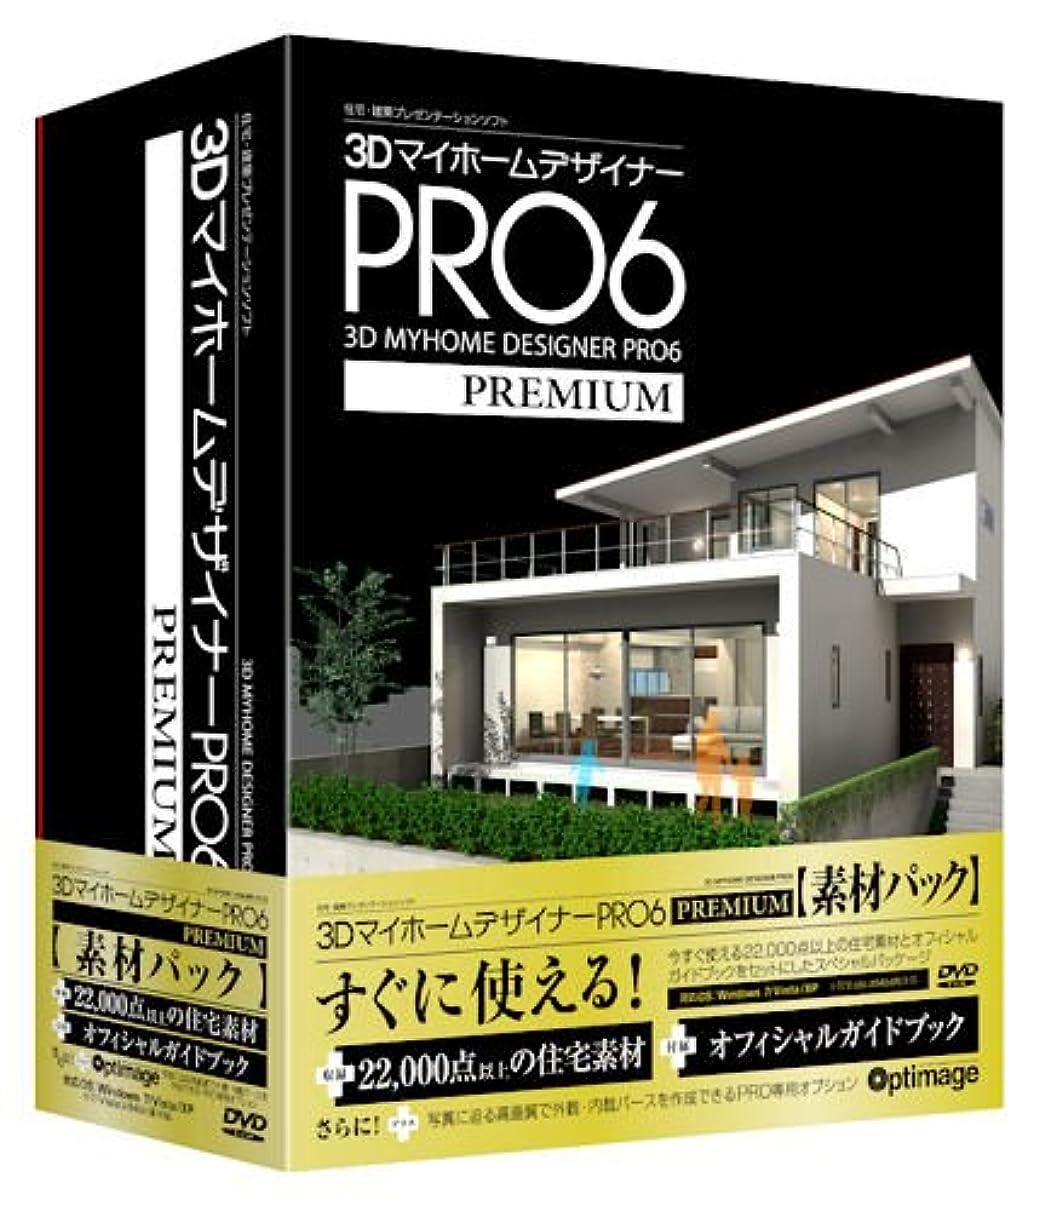 セミナークリークエゴマニア3DマイホームデザイナーPRO6 PREMIUM 素材パック